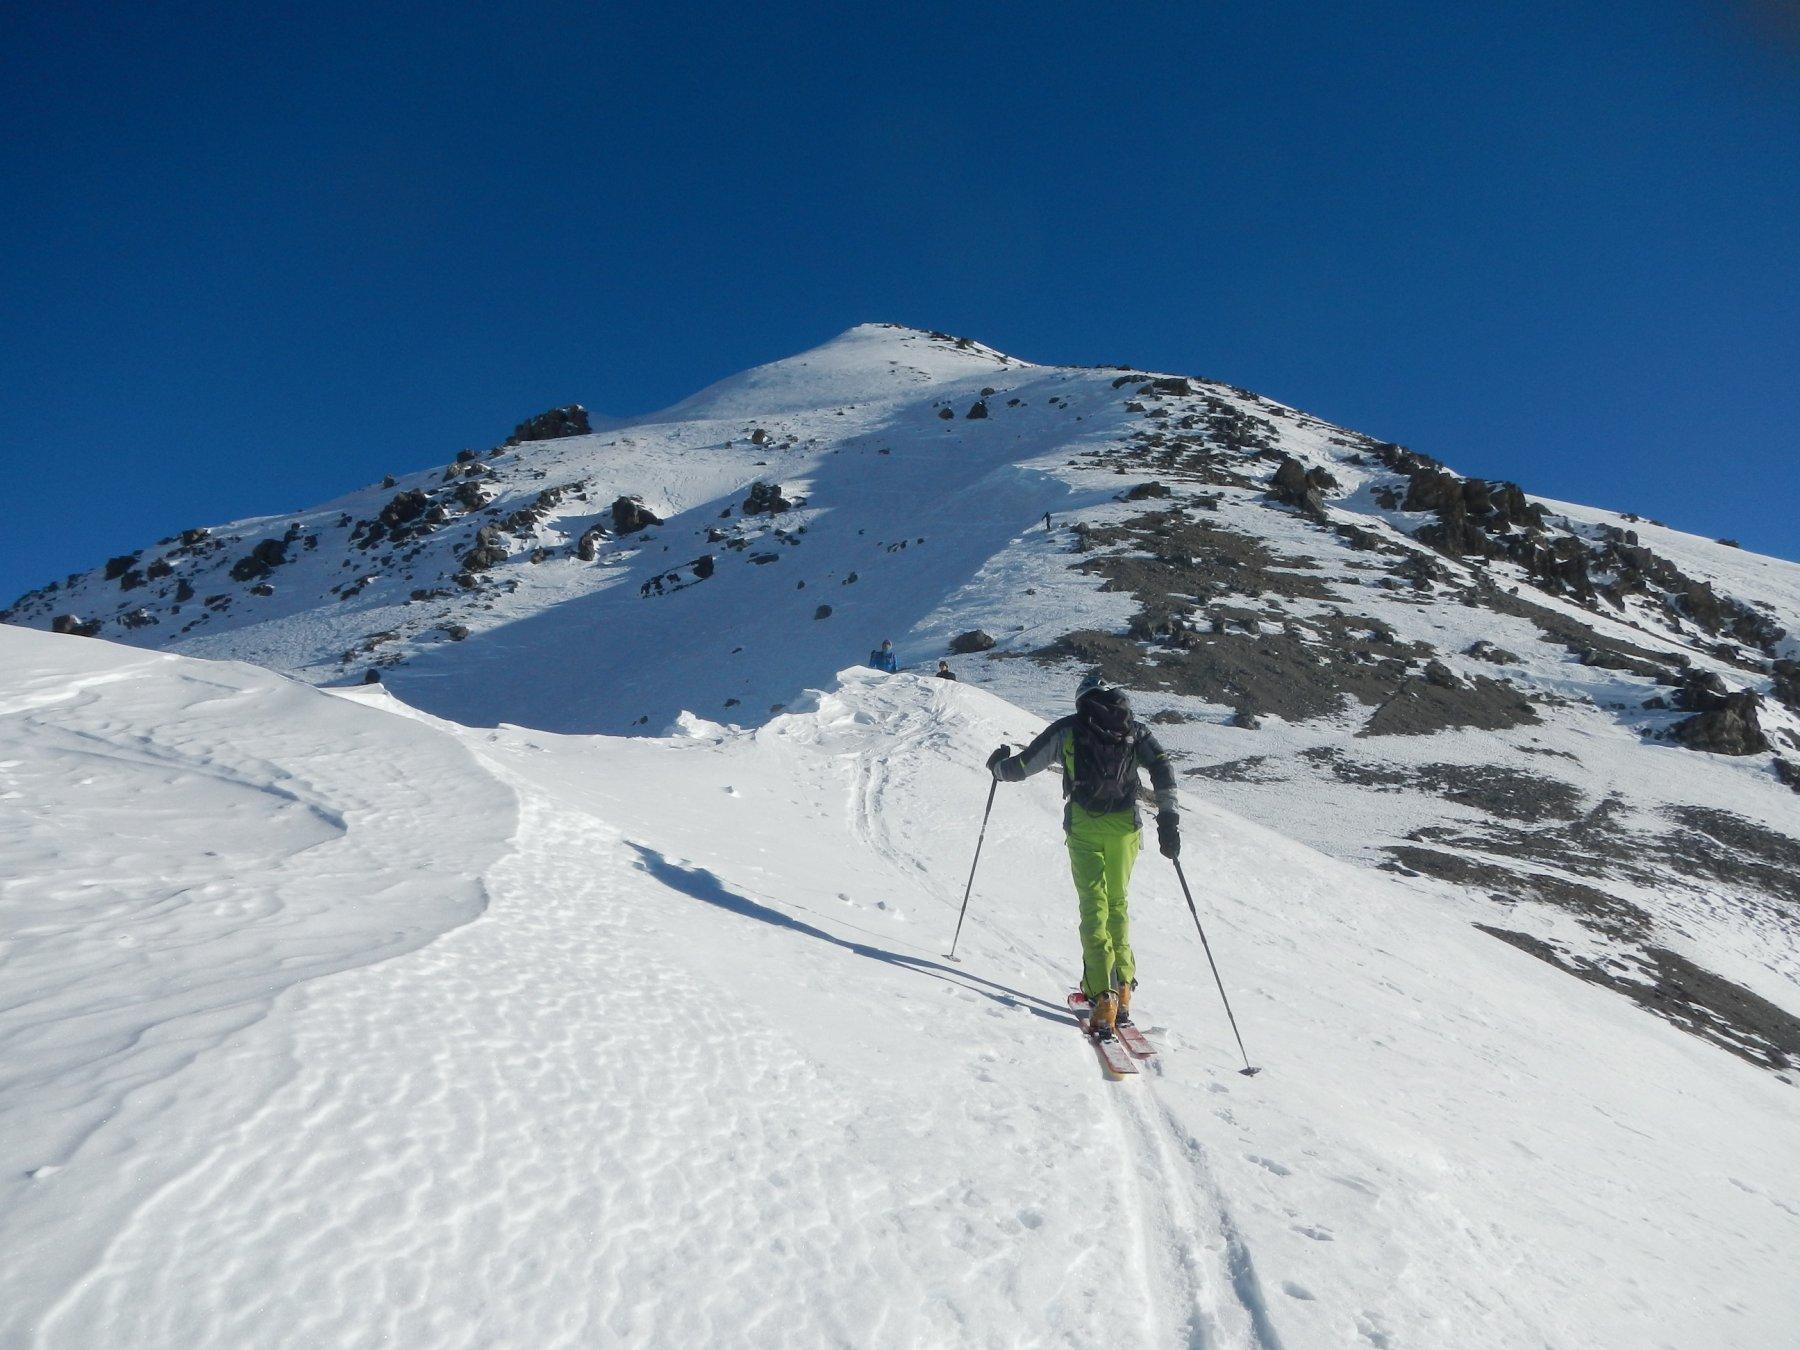 l'ampia dorsale ovest, molto ventata e in alto con neve scarsa e  ghiacciata